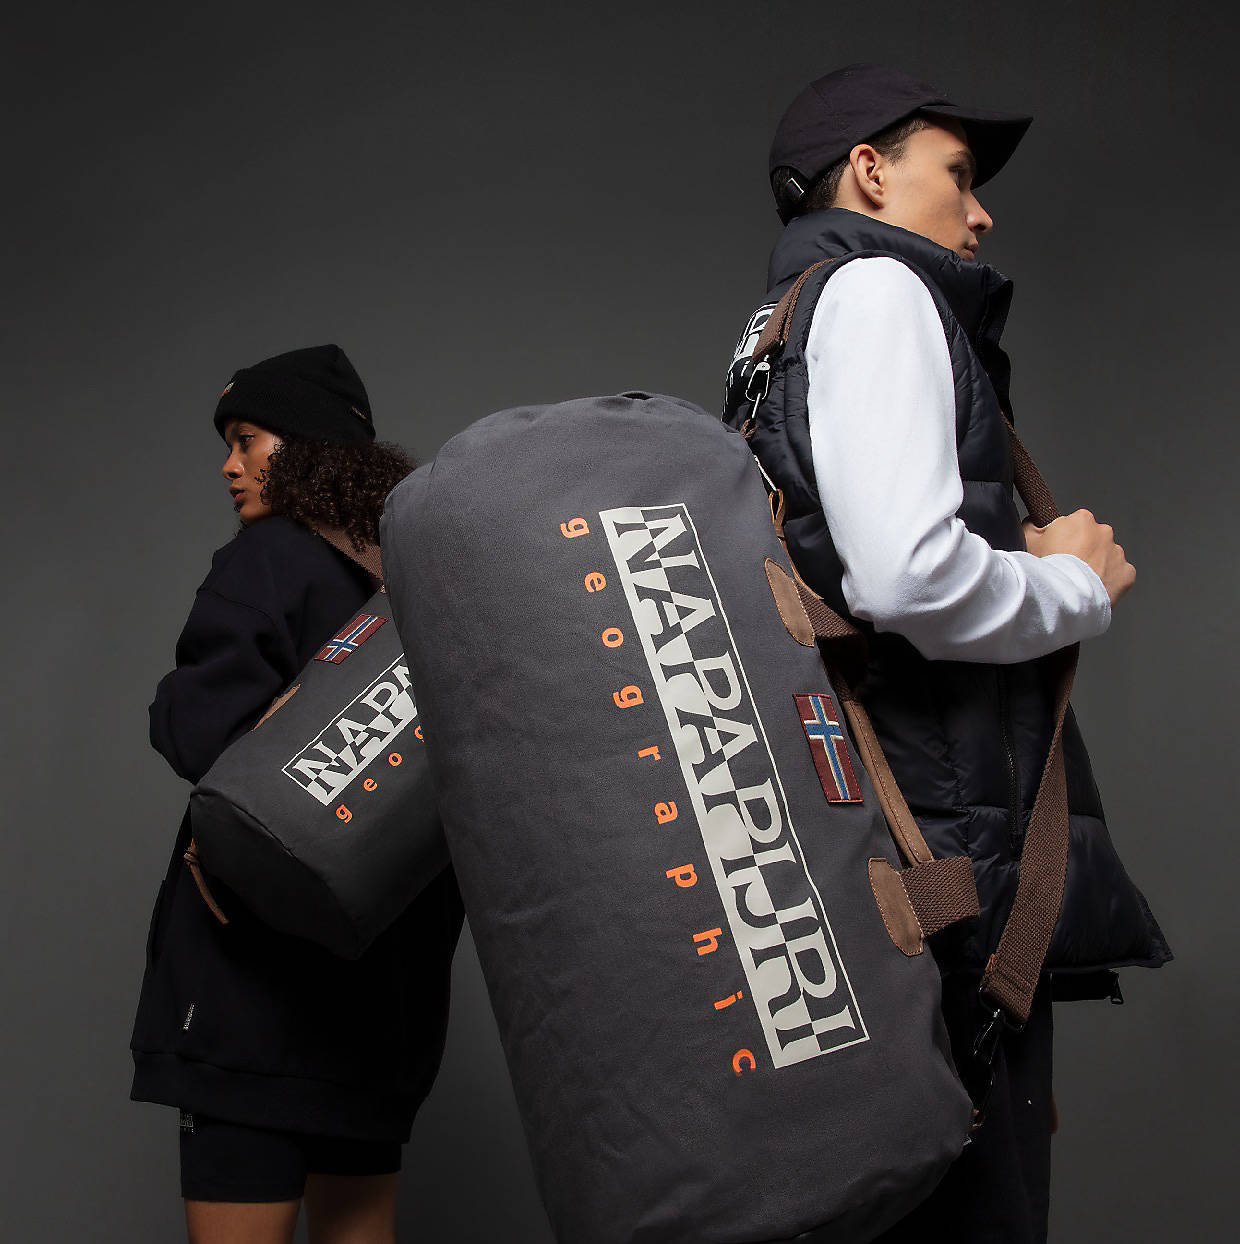 Backpacks and duffels